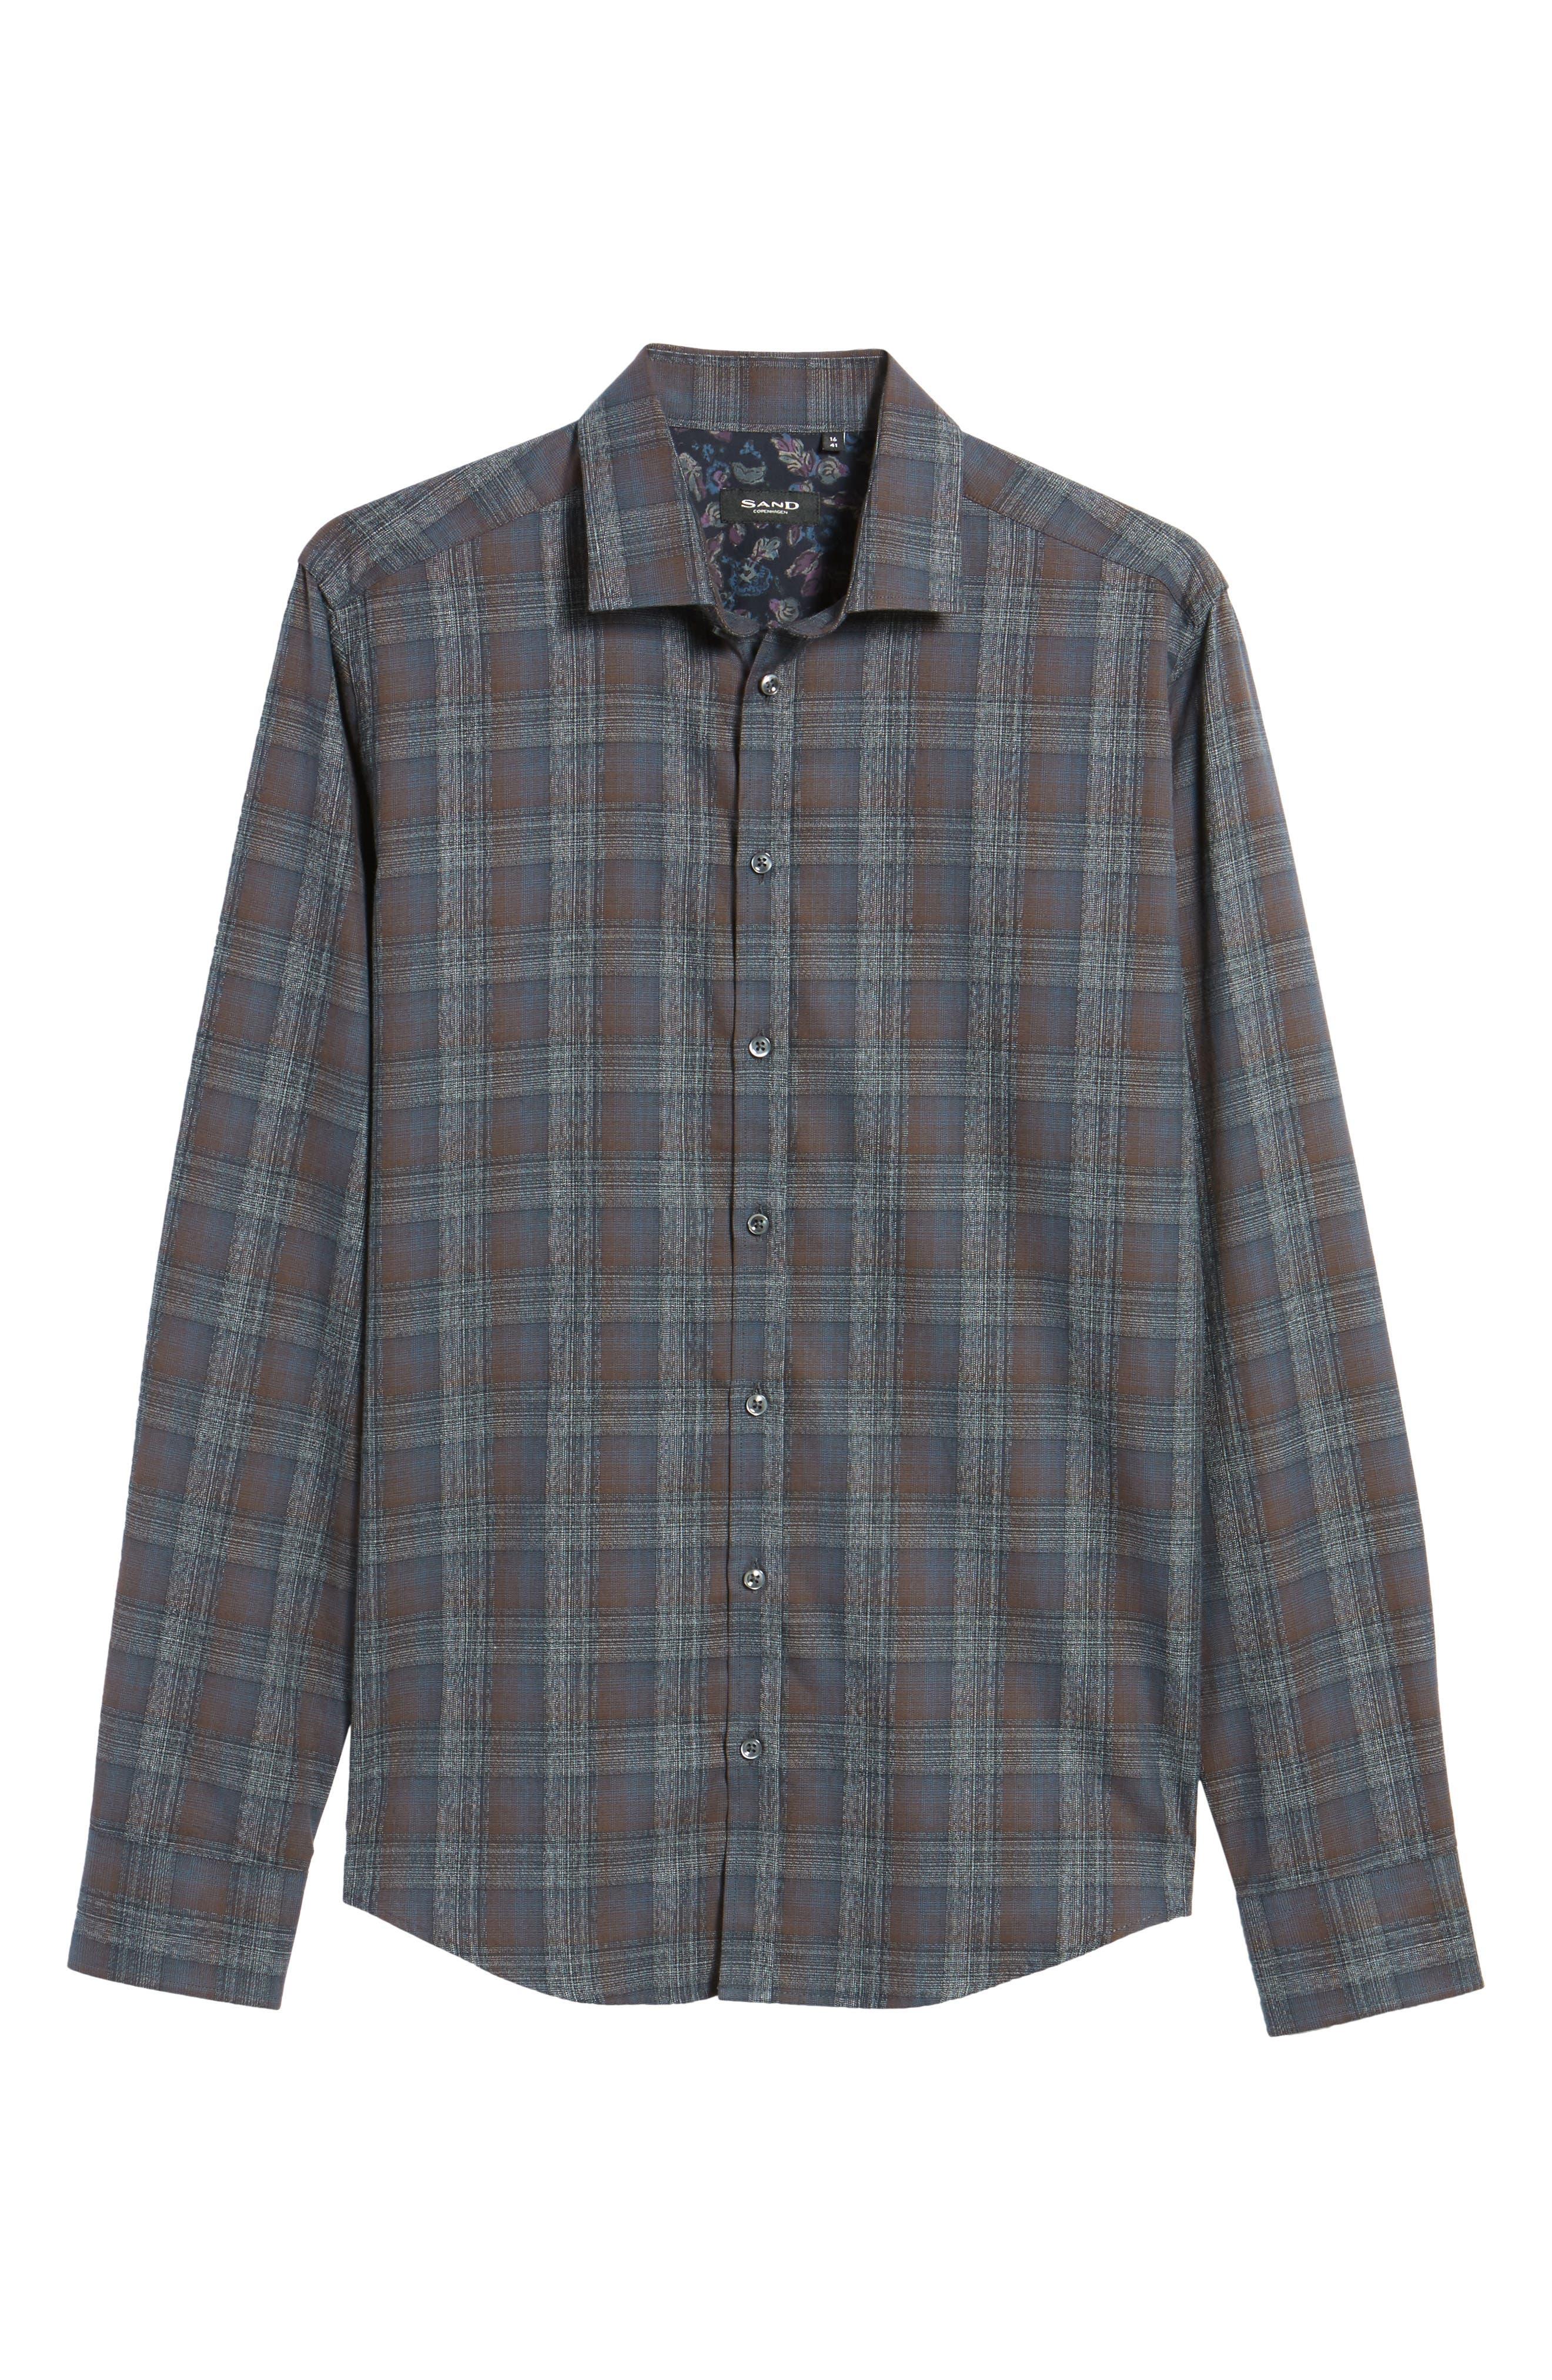 Trim Fit Plaid Sport Shirt,                             Alternate thumbnail 5, color,                             290 Brown Grey Plaid